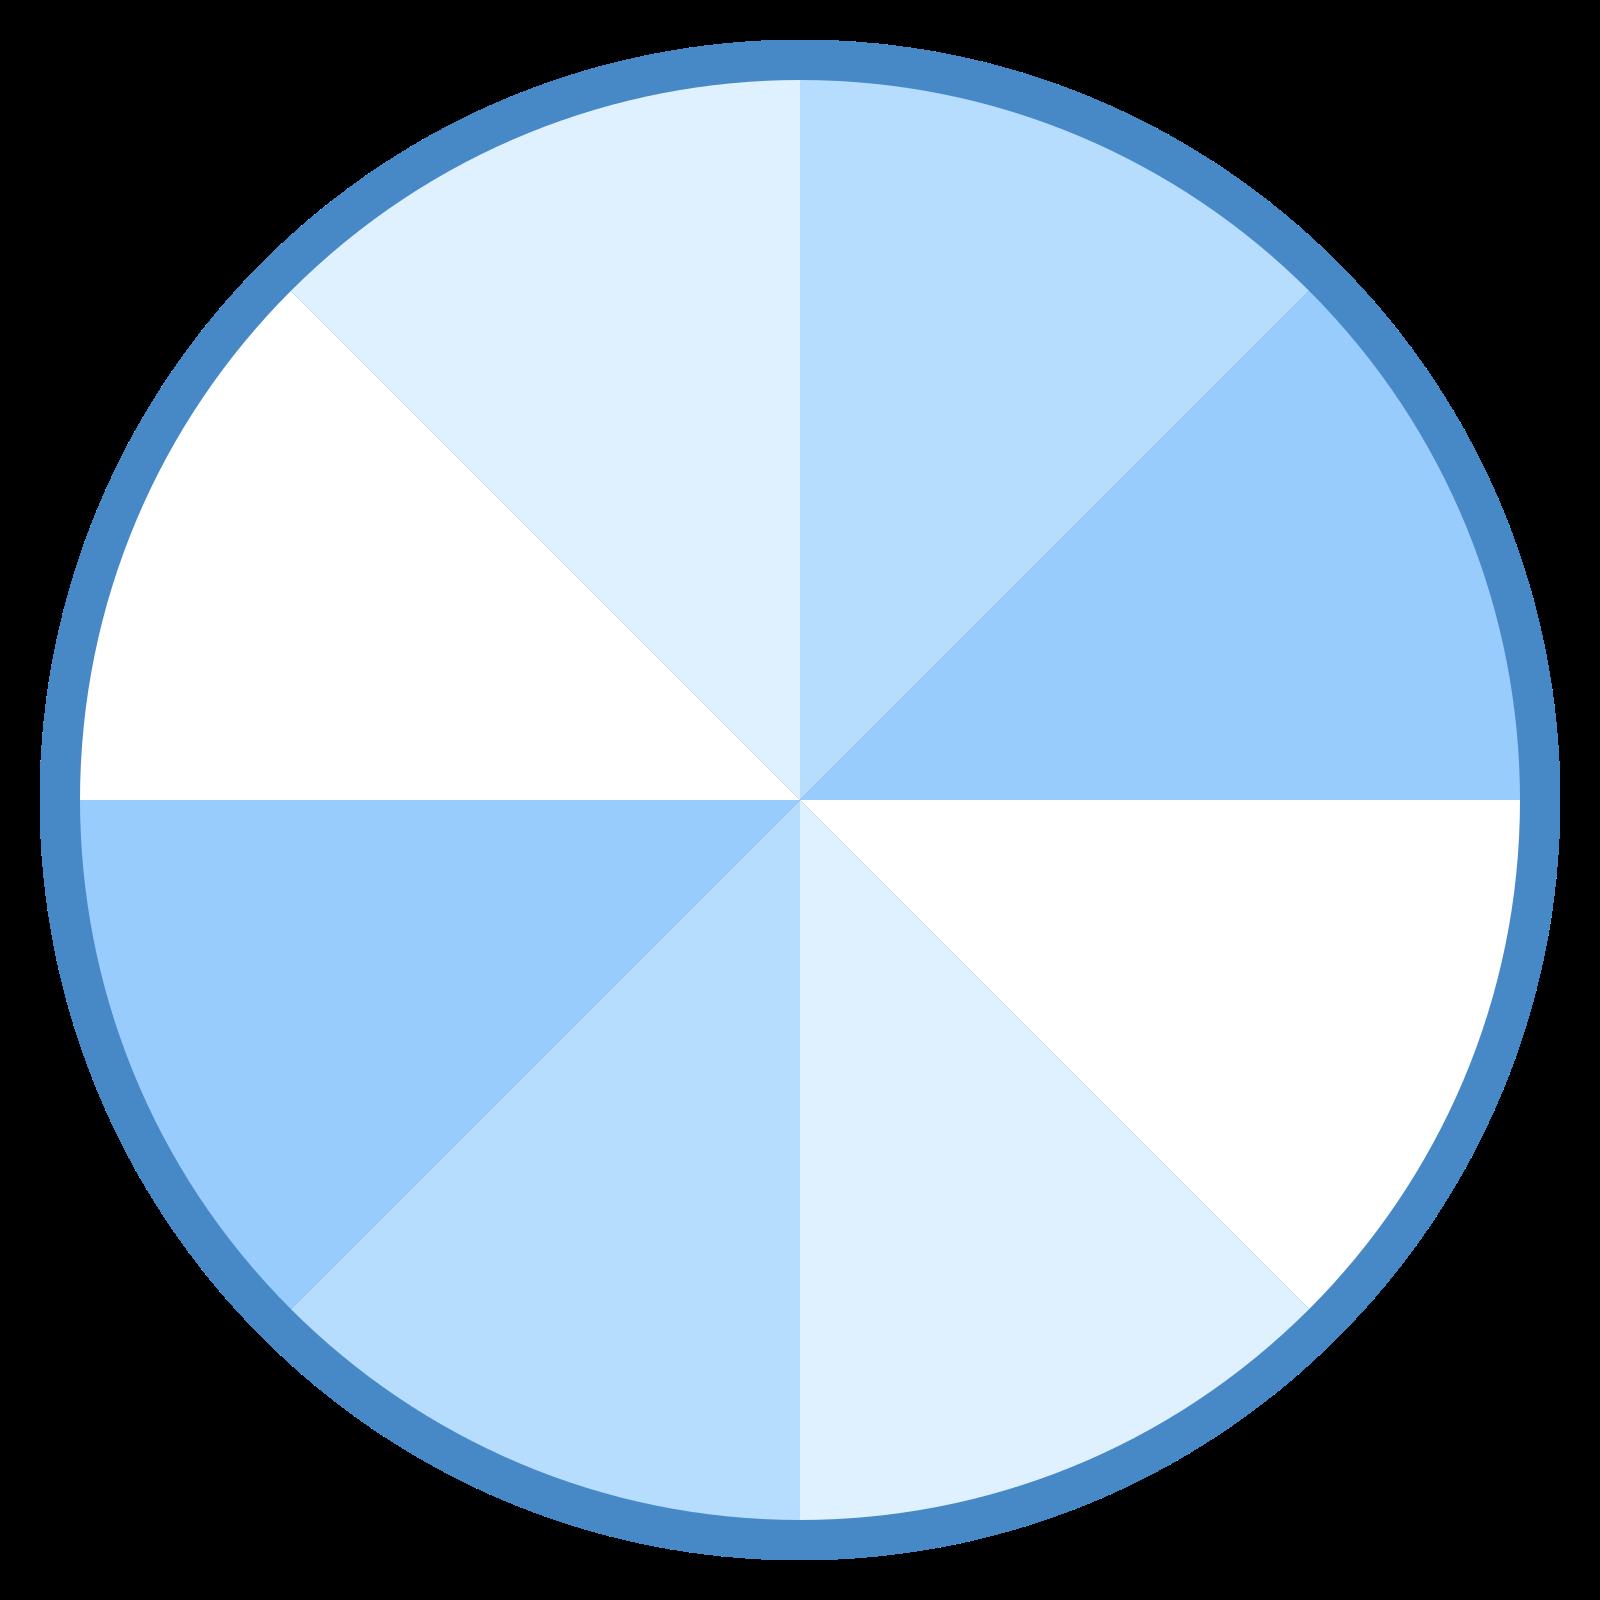 RGBサークル1 icon